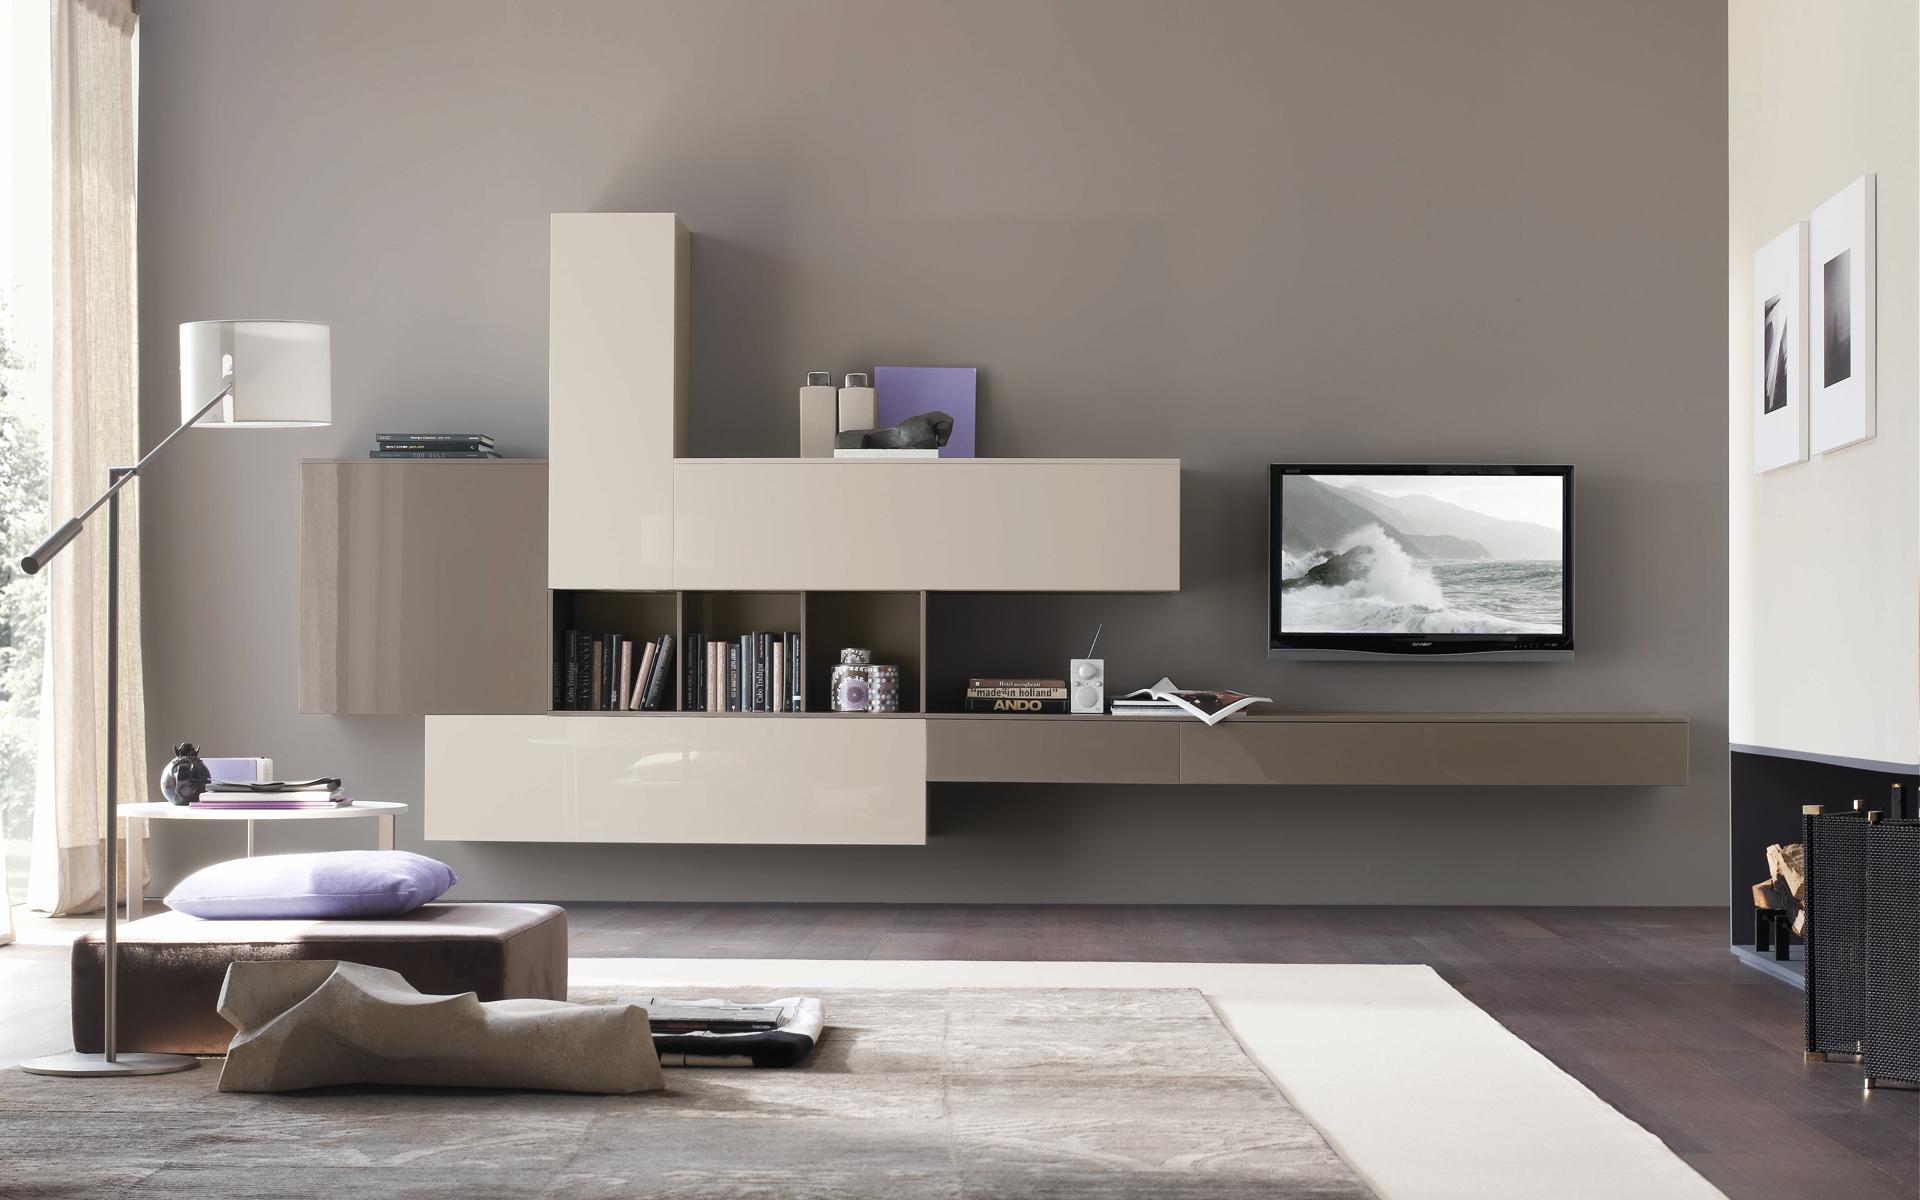 Arredamento di design: come scegliere oggetti di qualità e stile